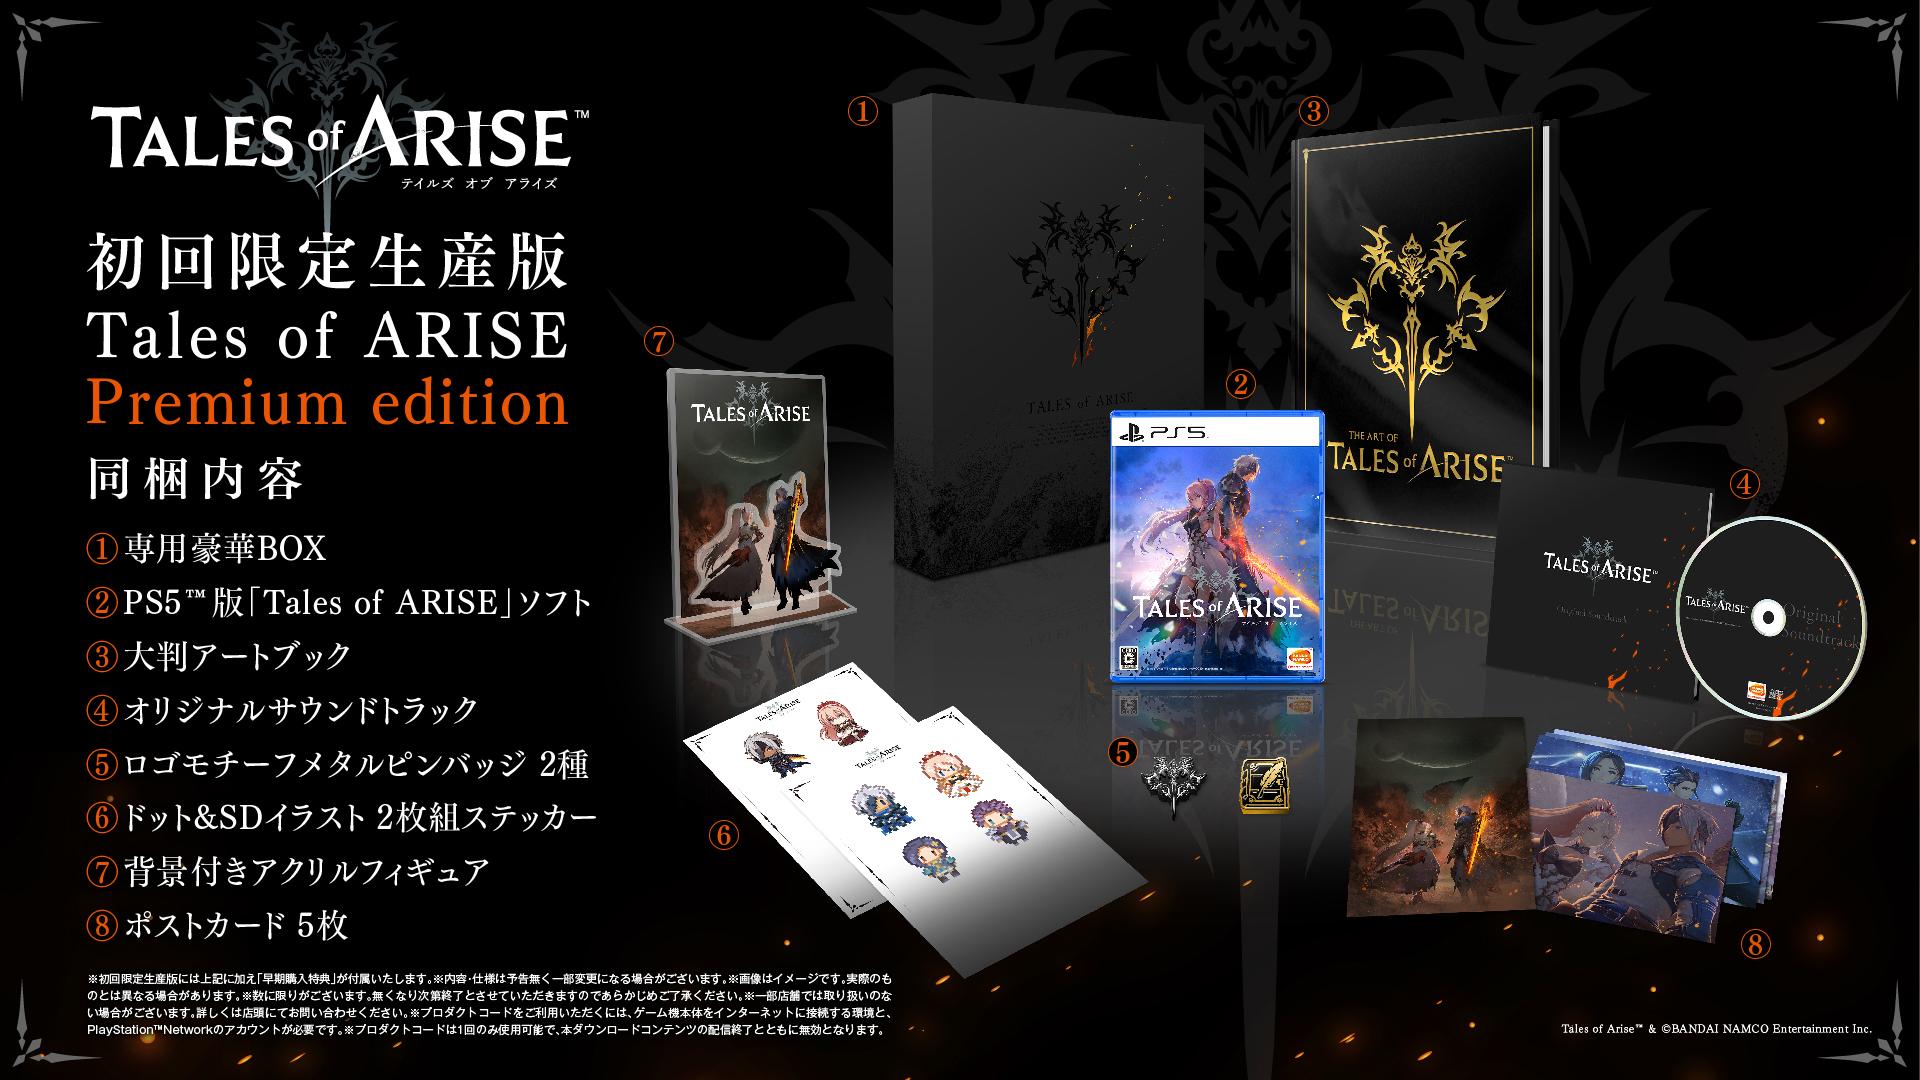 【2次受注】PS5版『Tales of ARISE』Premium edition 電撃スペシャルパック